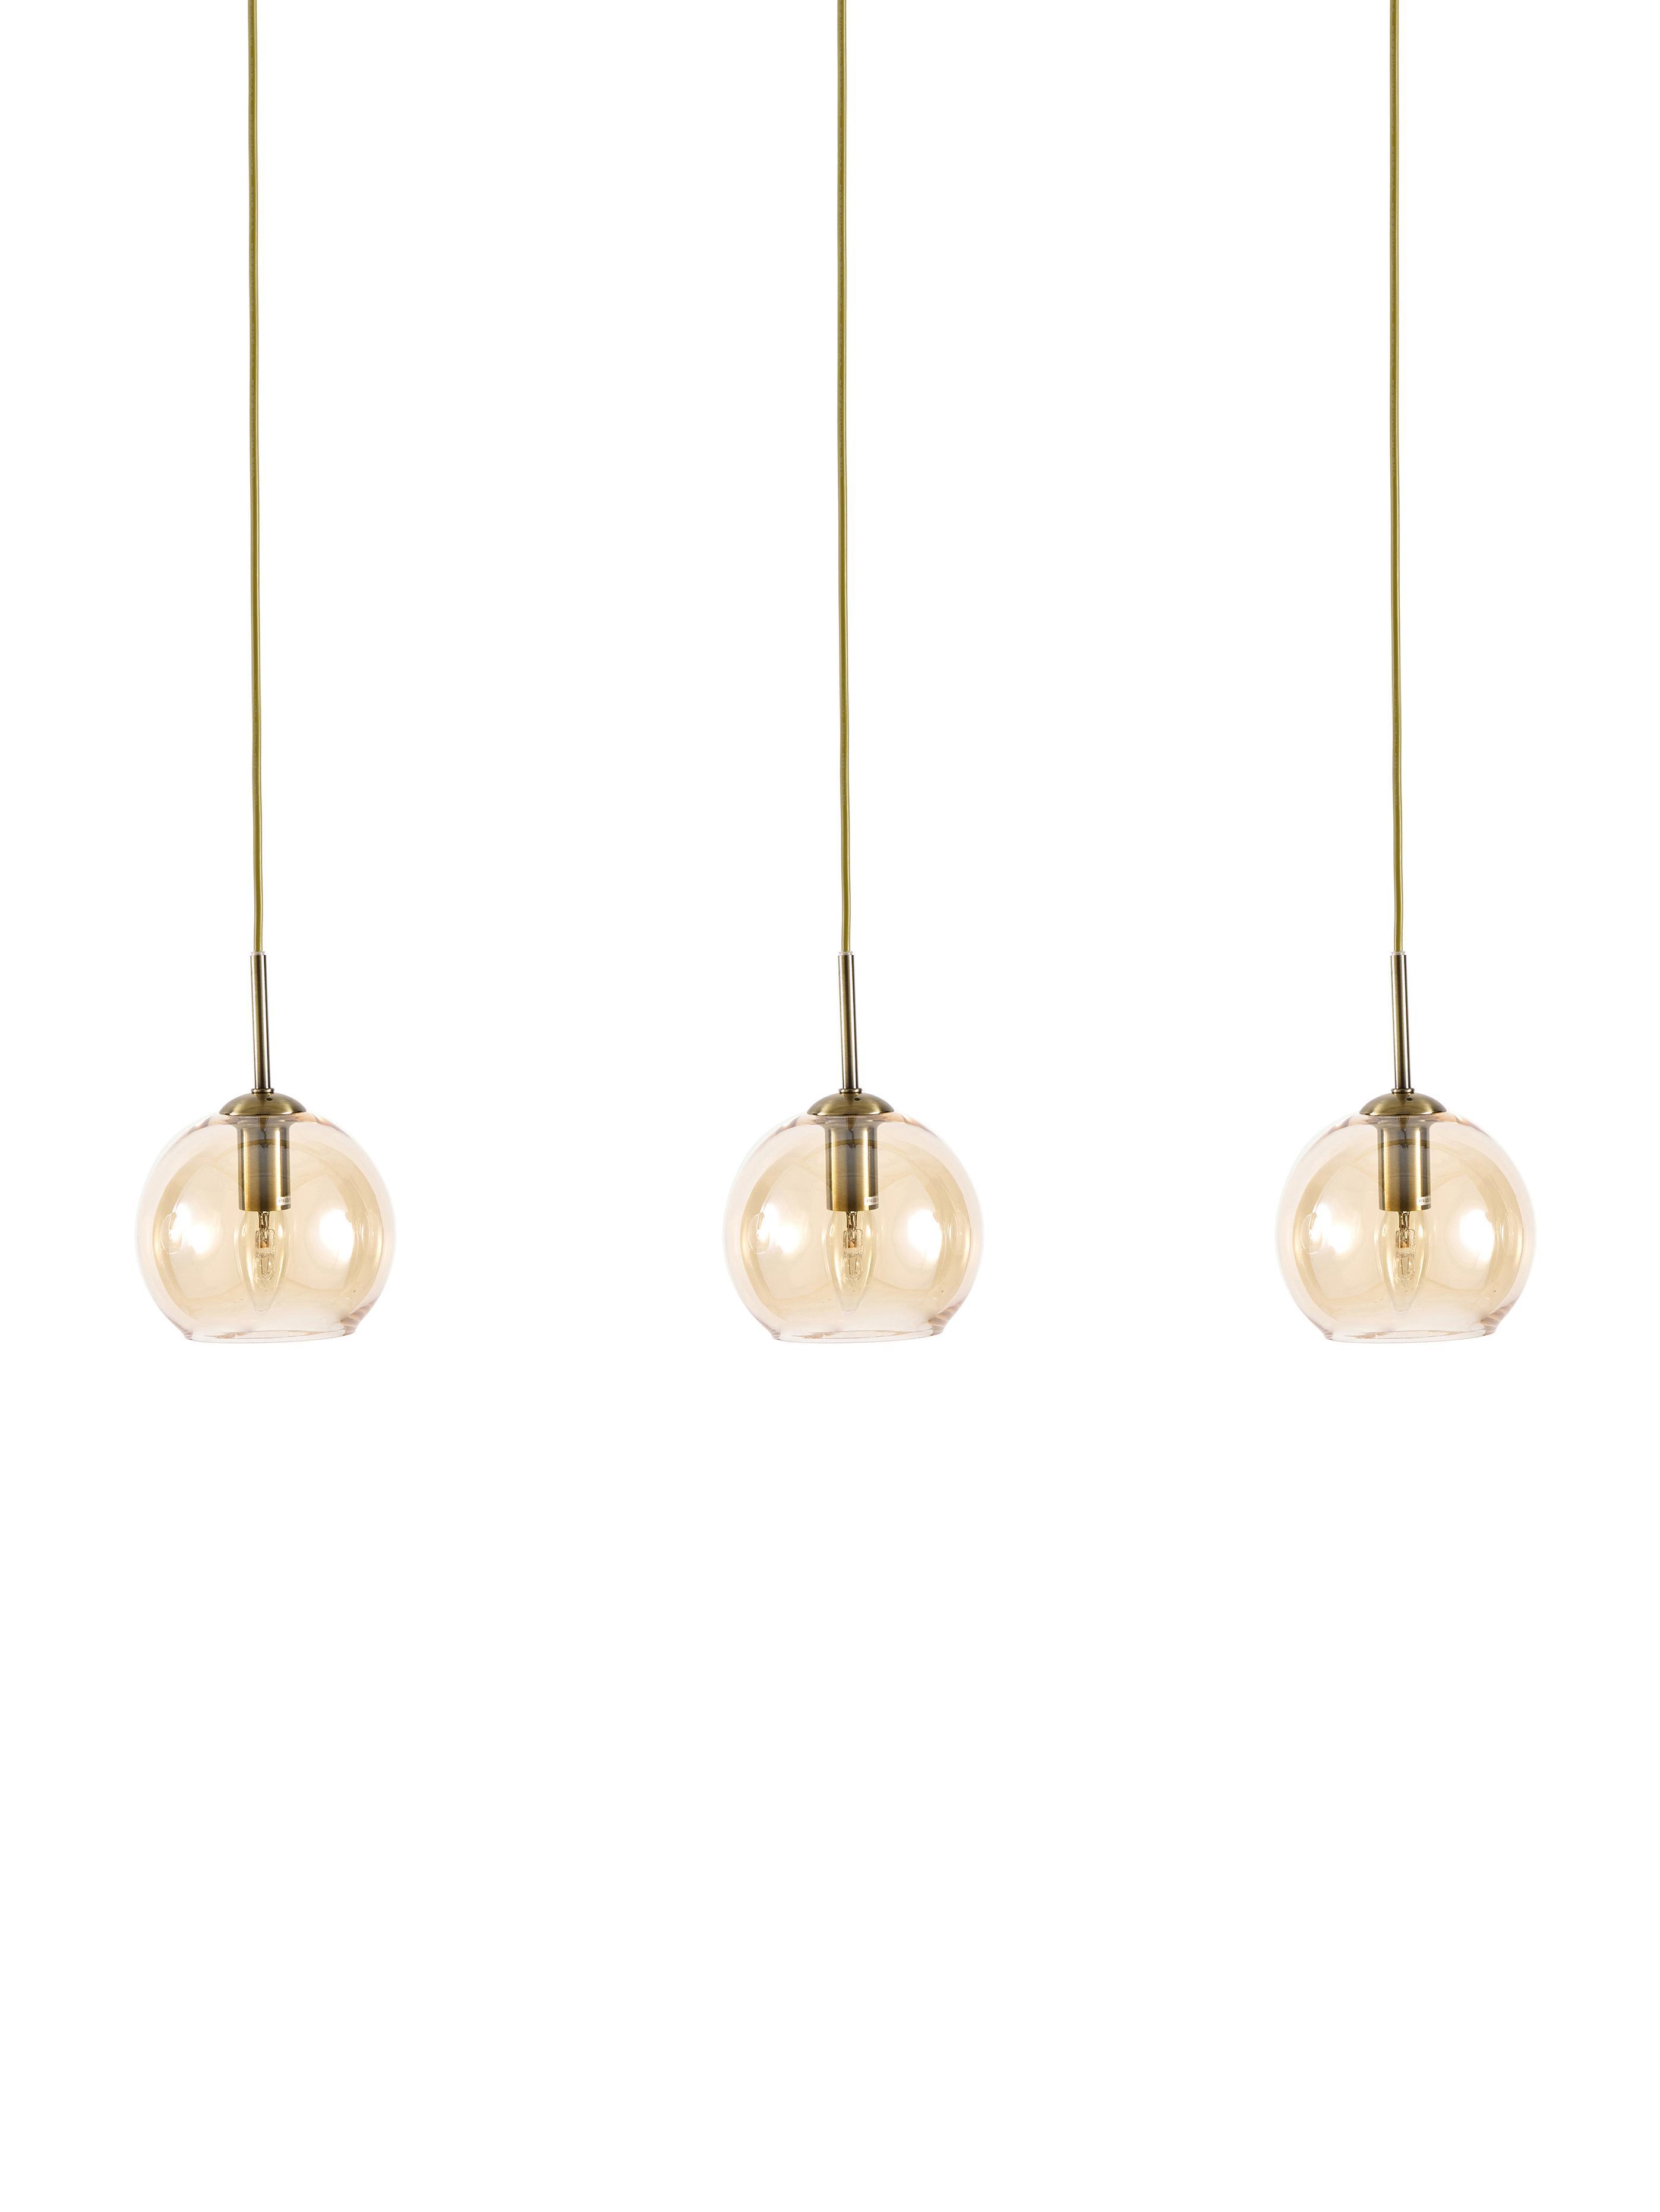 Hanglamp Hamilton in messing, Frame: geborsteld metaal, Baldakijn: geborsteld metaal, Amberkleurig, B 81 x D 15 cm